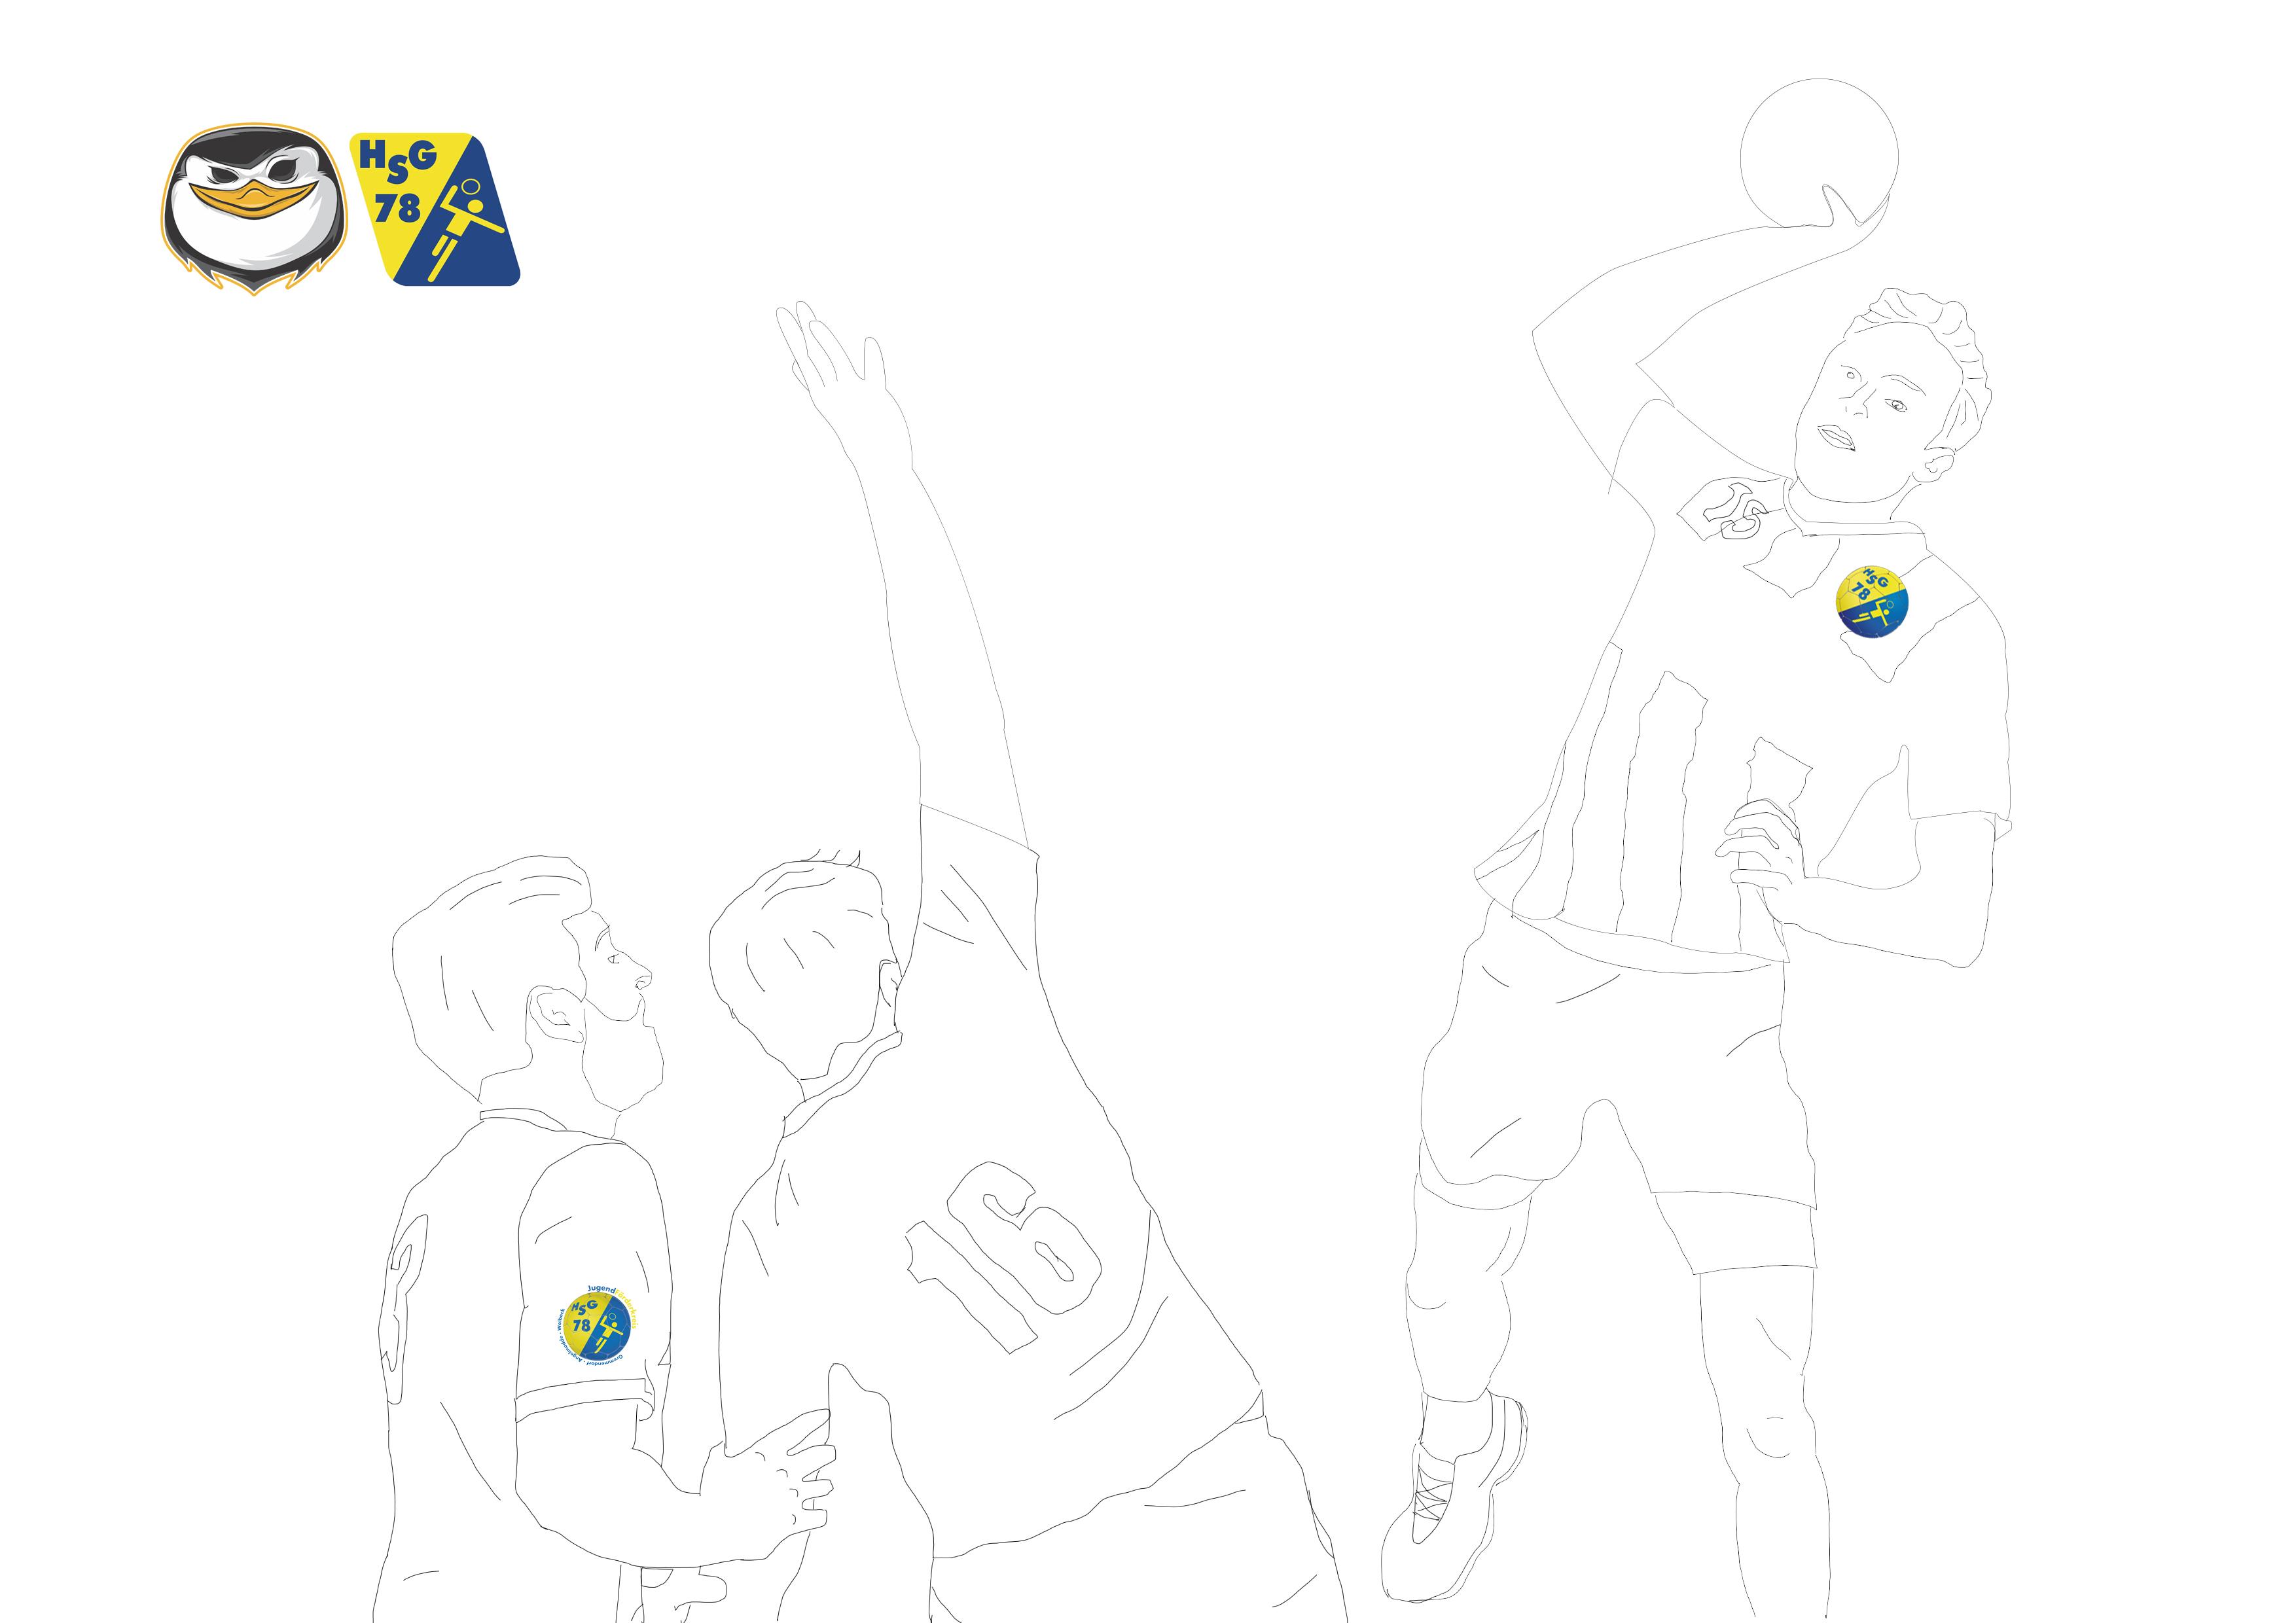 Malvorlage, HSG Gremmendorf-Angelmodde, Handball, Sport, Corona, Zeitvertreib, Spaß, Malen